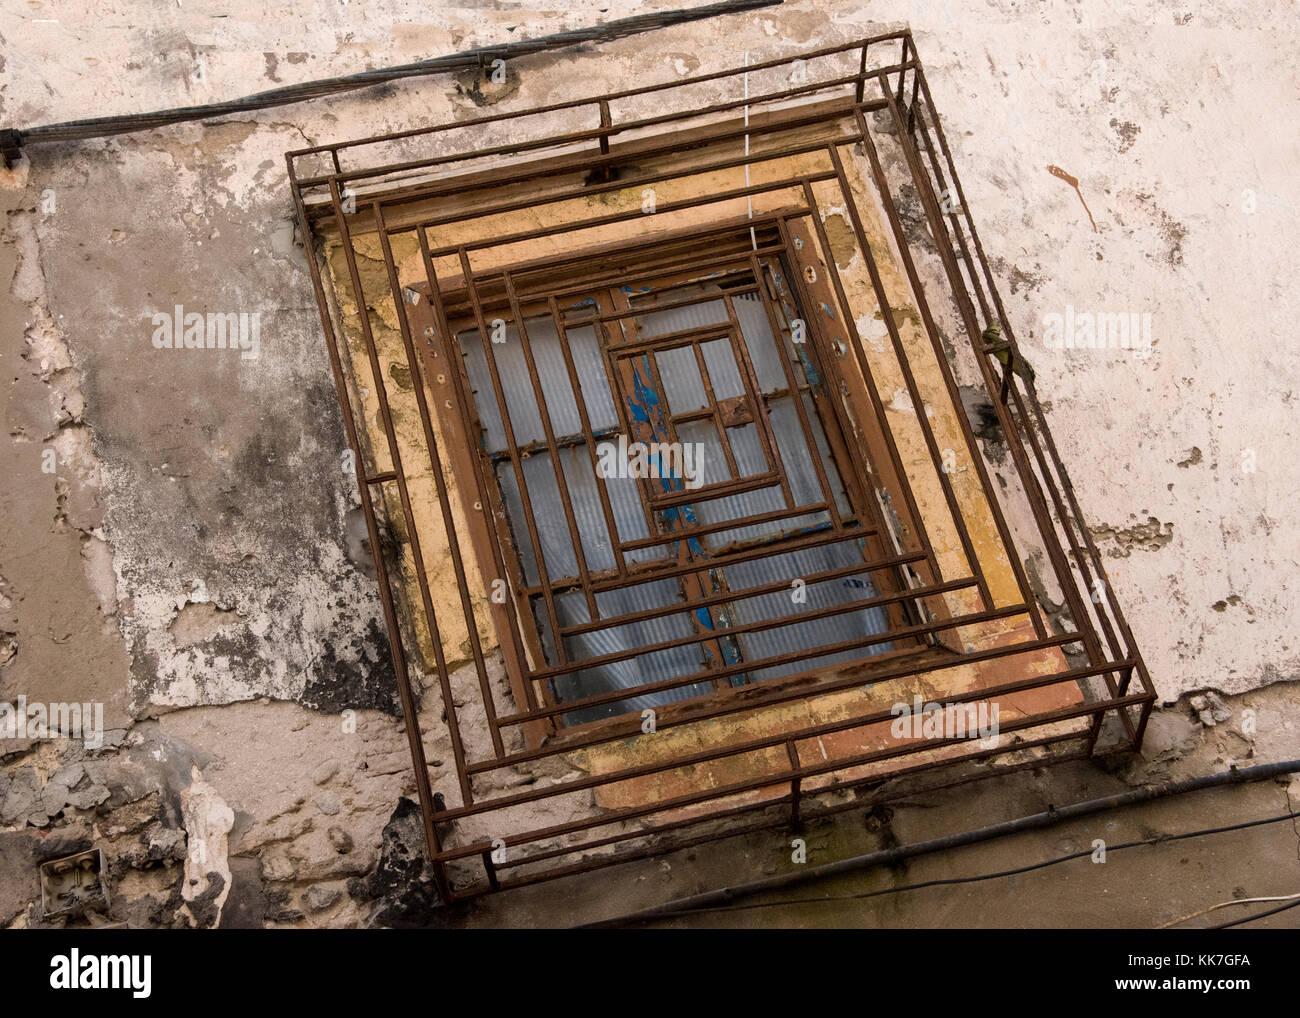 Rusty Window Frame Stockfotos & Rusty Window Frame Bilder - Alamy